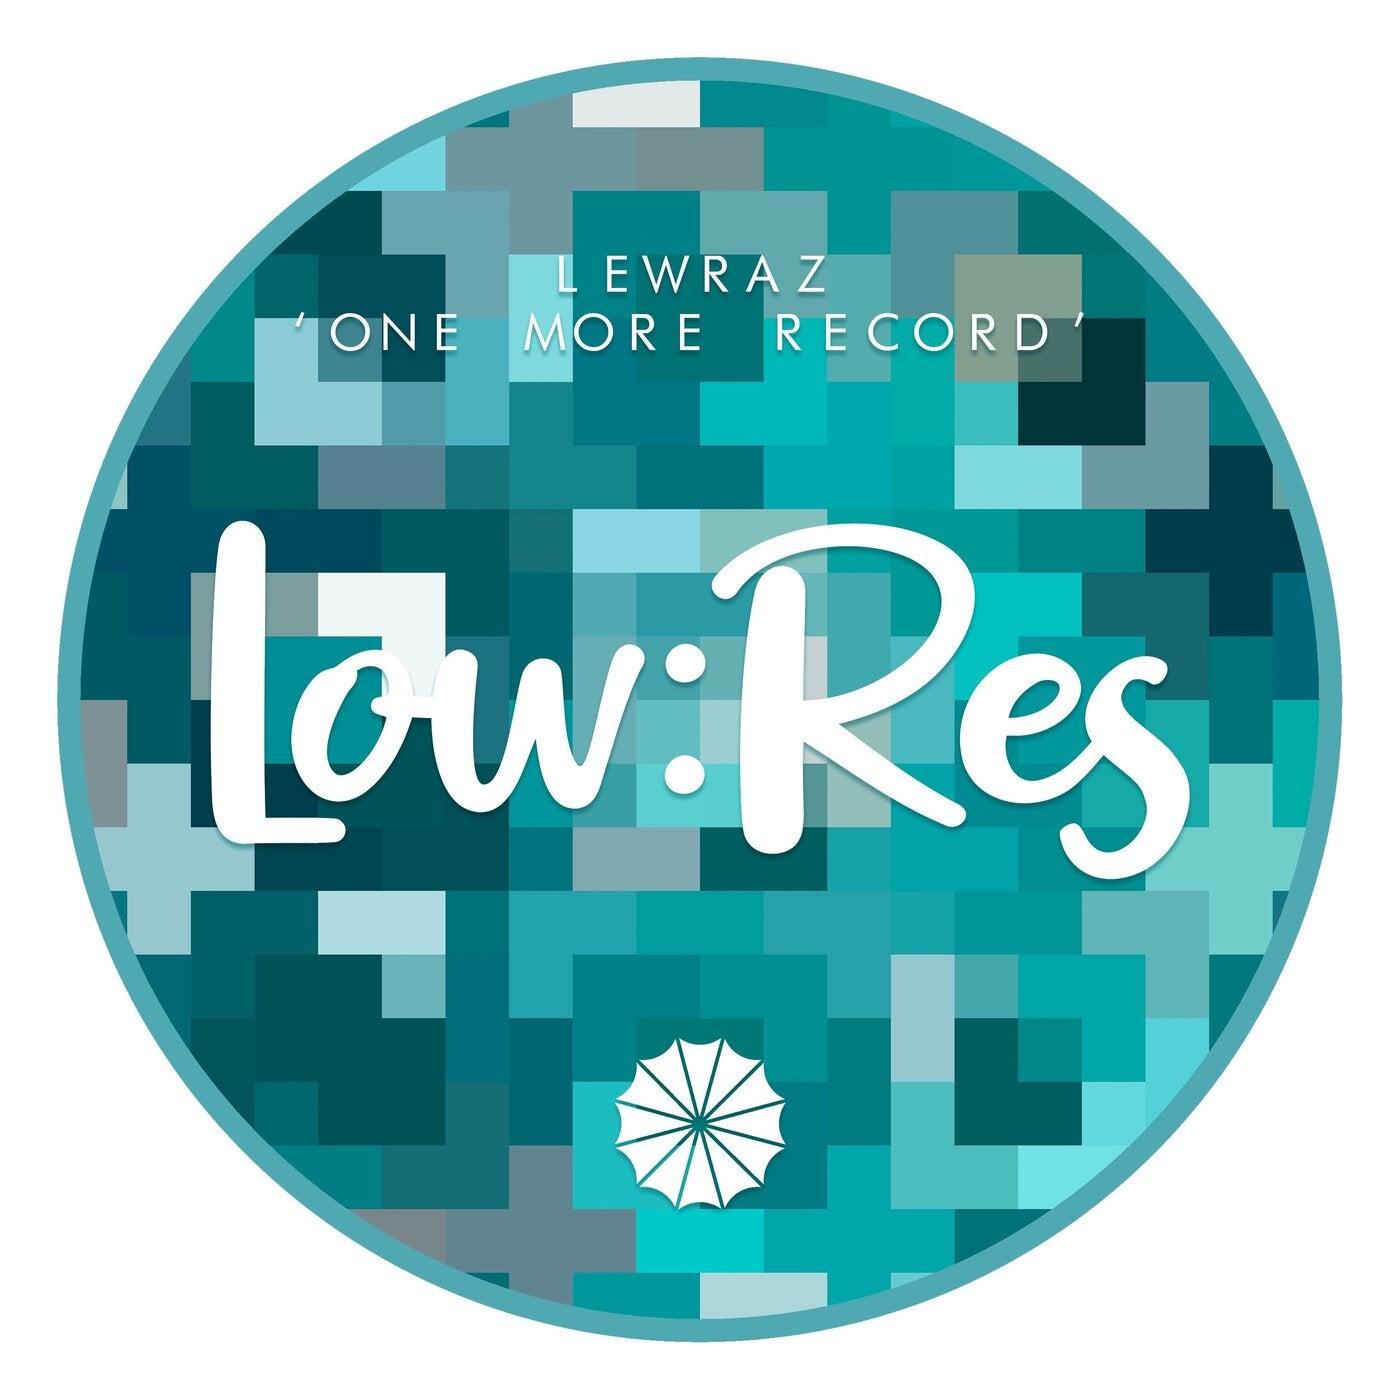 One More Record (Original Mix)